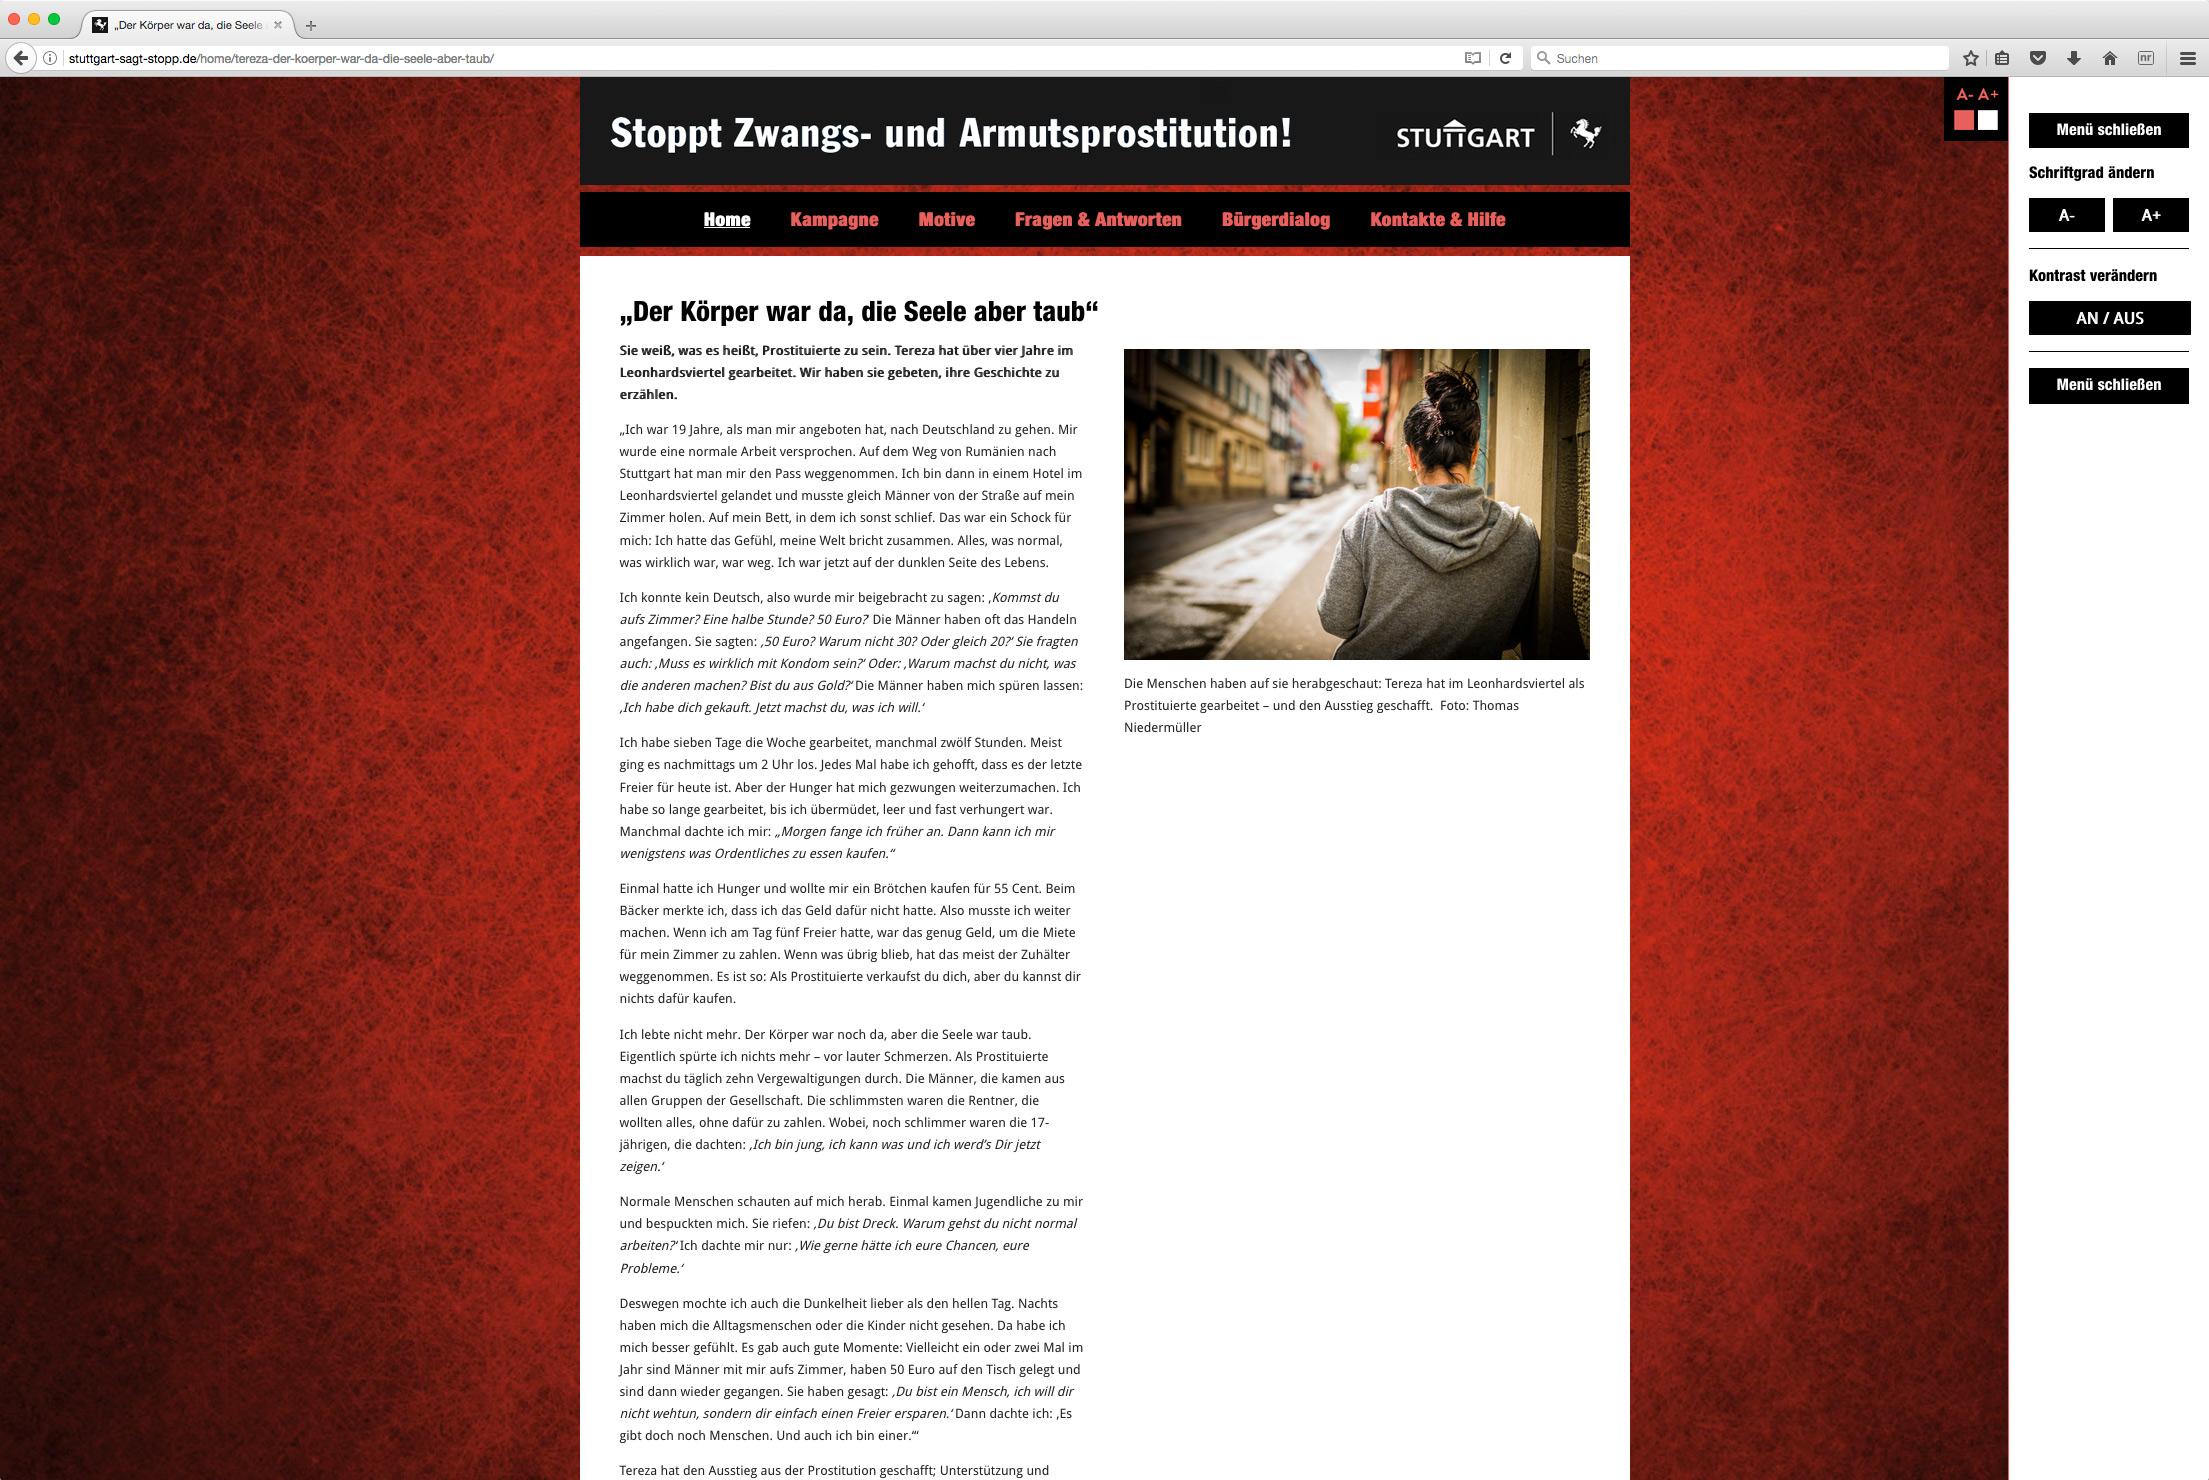 website f r die stadt stuttgart die w rde des menschen ist auch beim f n unantastbar. Black Bedroom Furniture Sets. Home Design Ideas